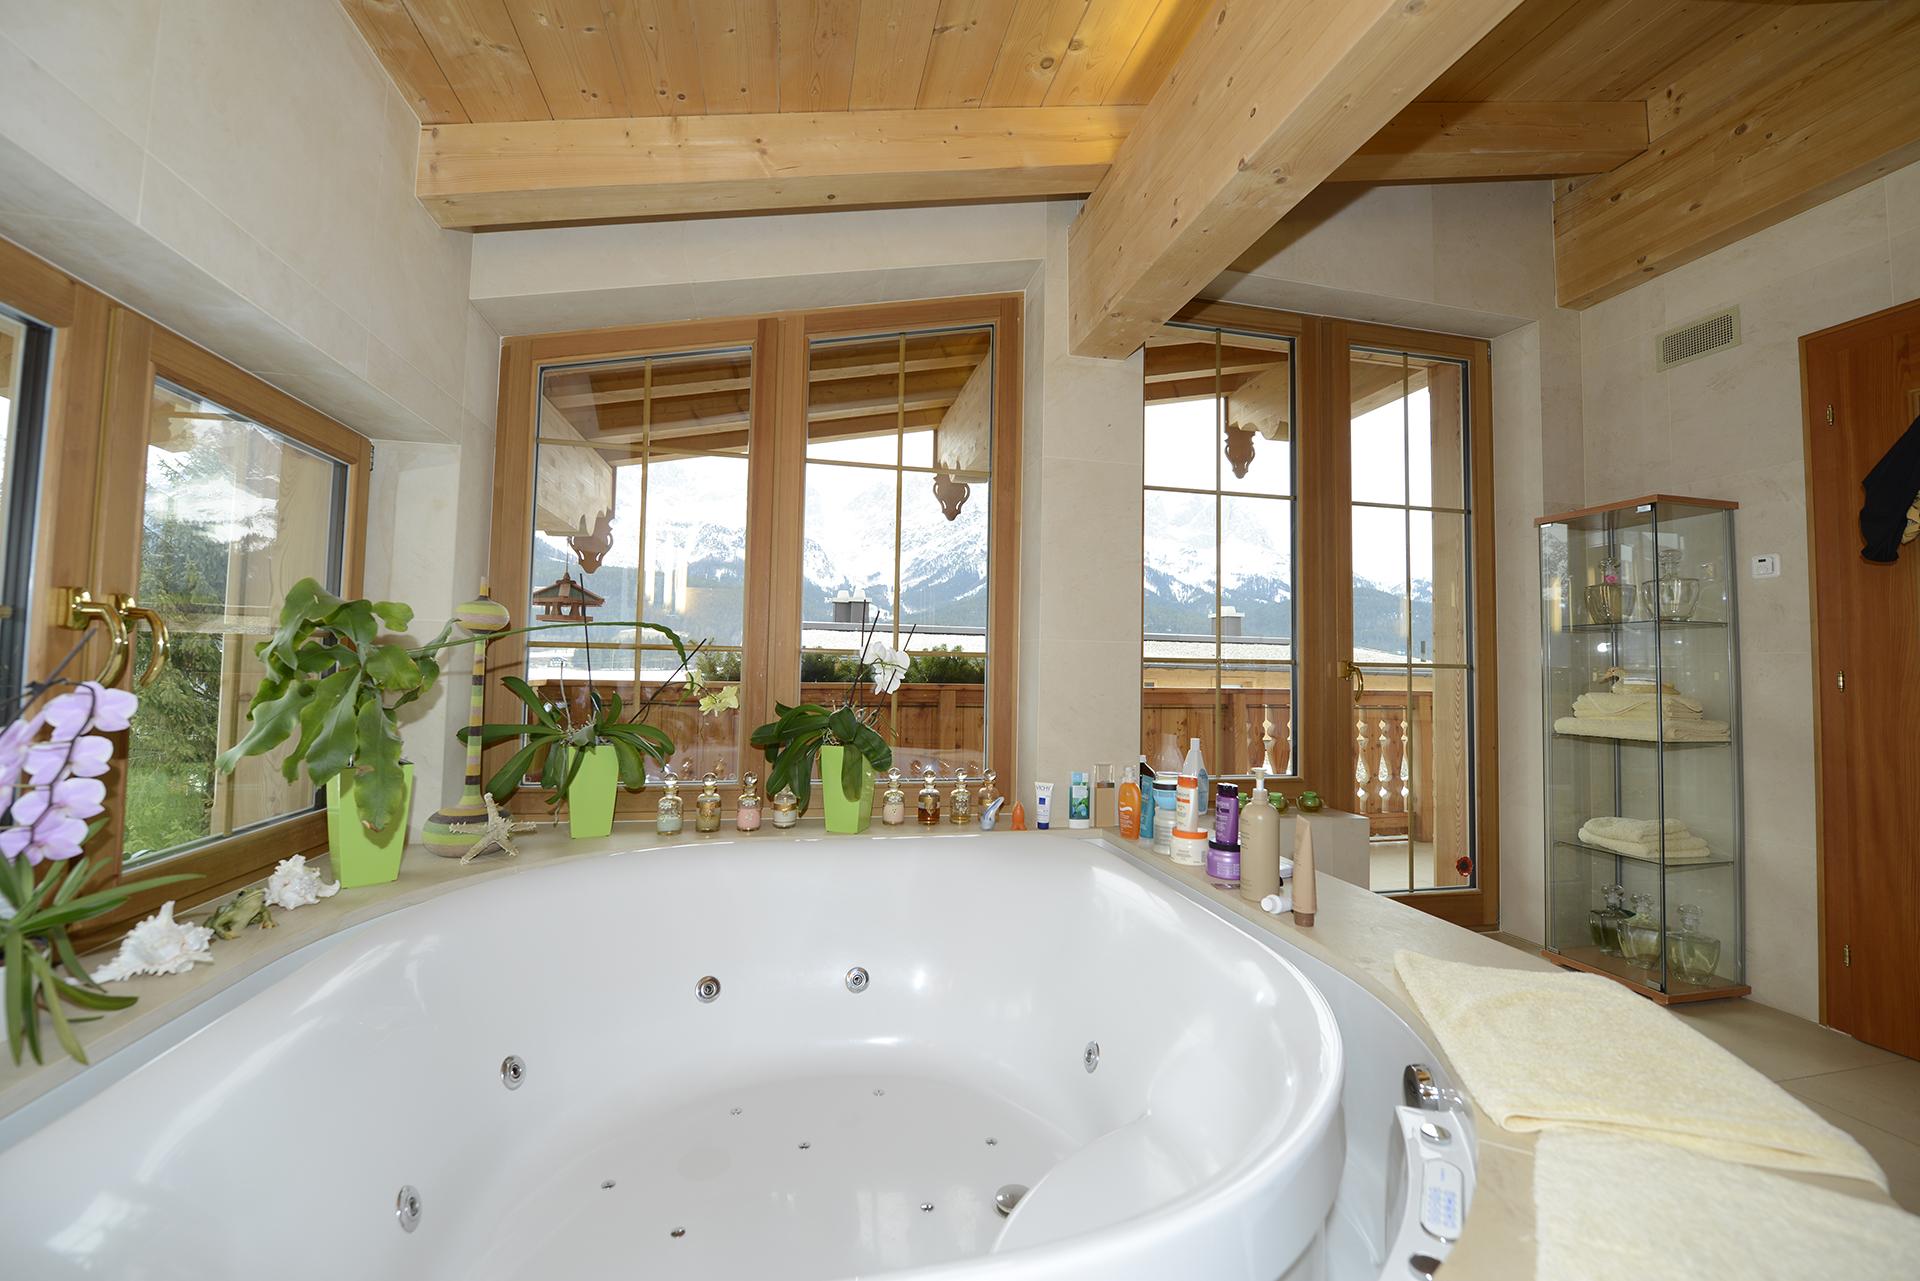 440-badezimmer